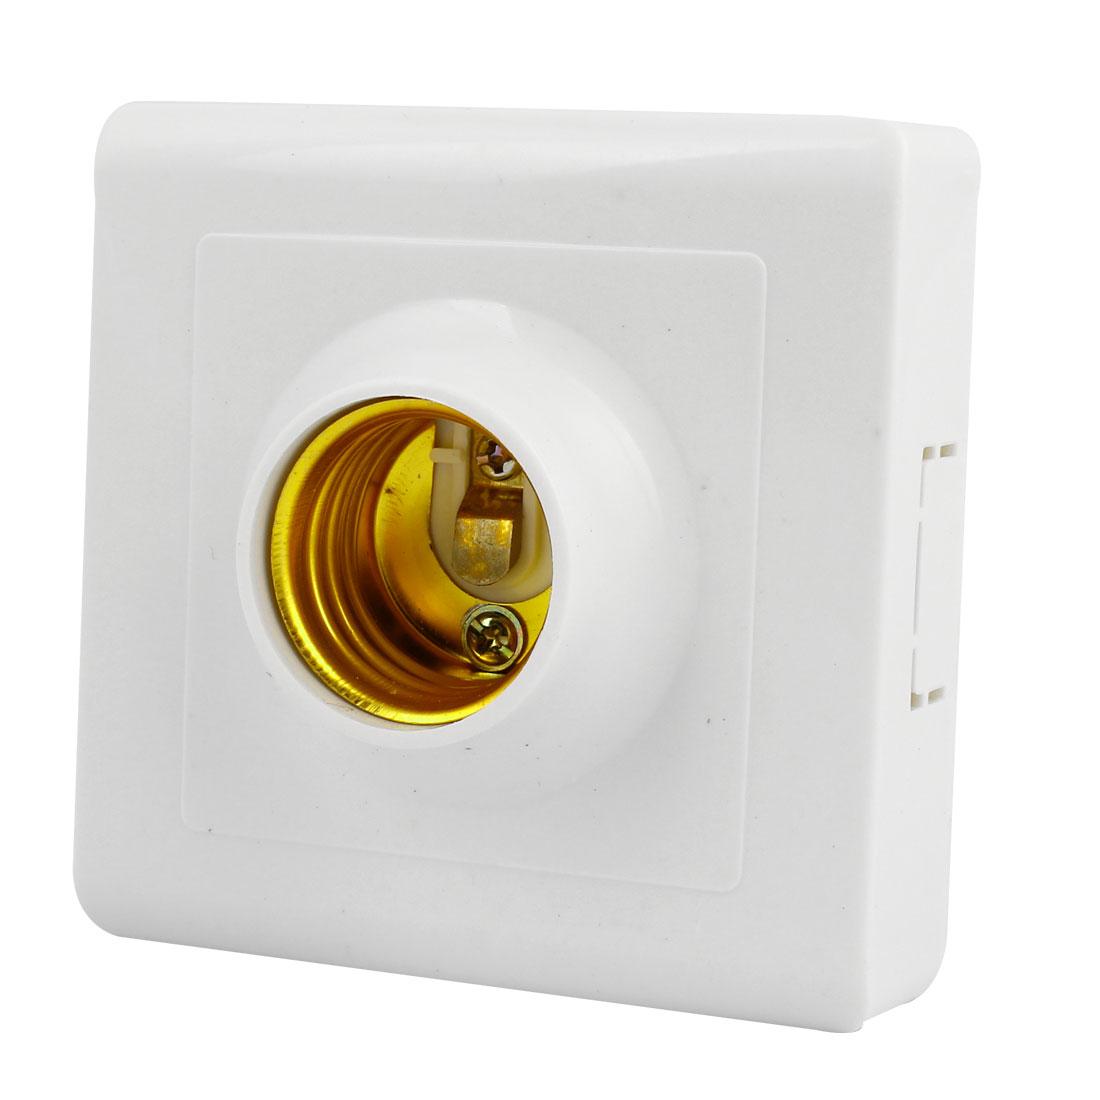 85mm x 85mm White Plastic Base Bulb Socket Lamp Holder 60W 220V